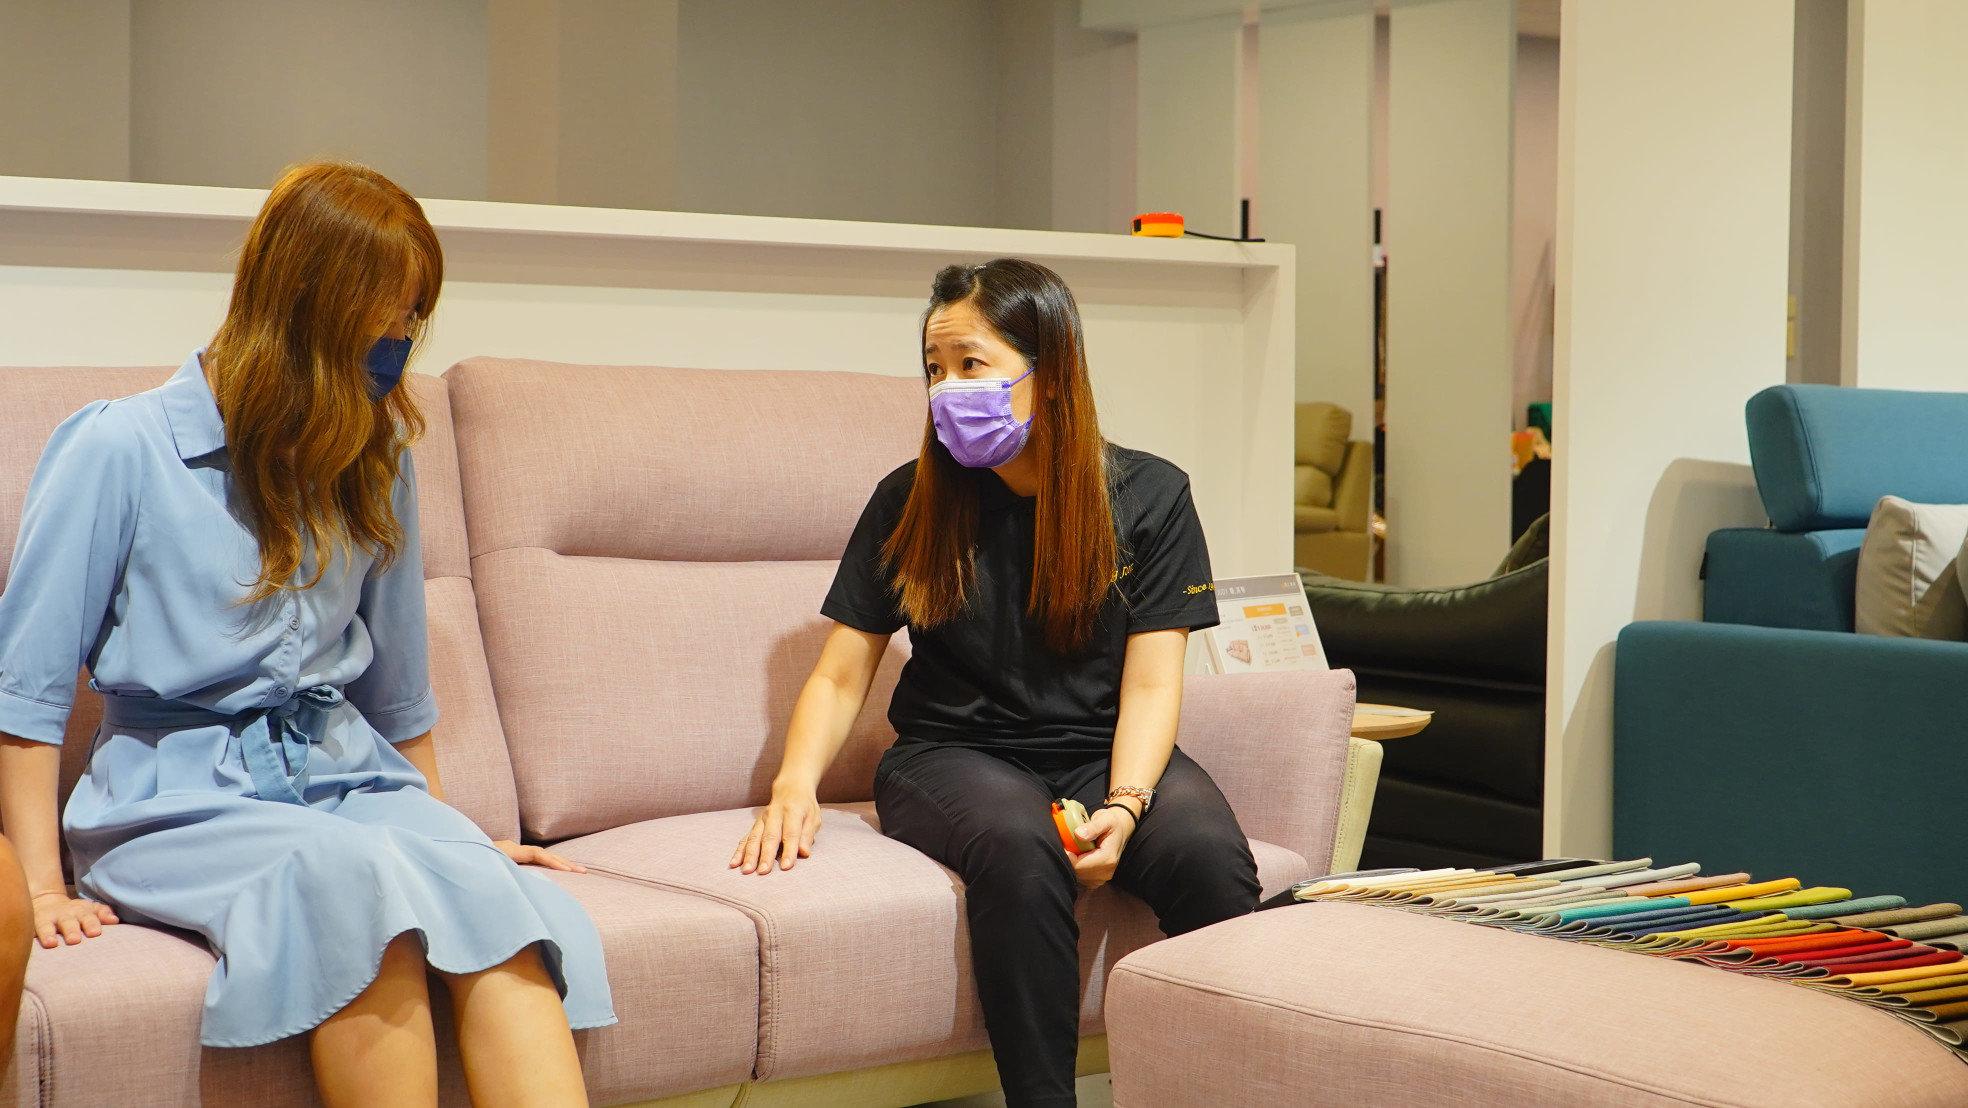 【熱血玩台南】體驗明久沙發,仔細聽顧問講解